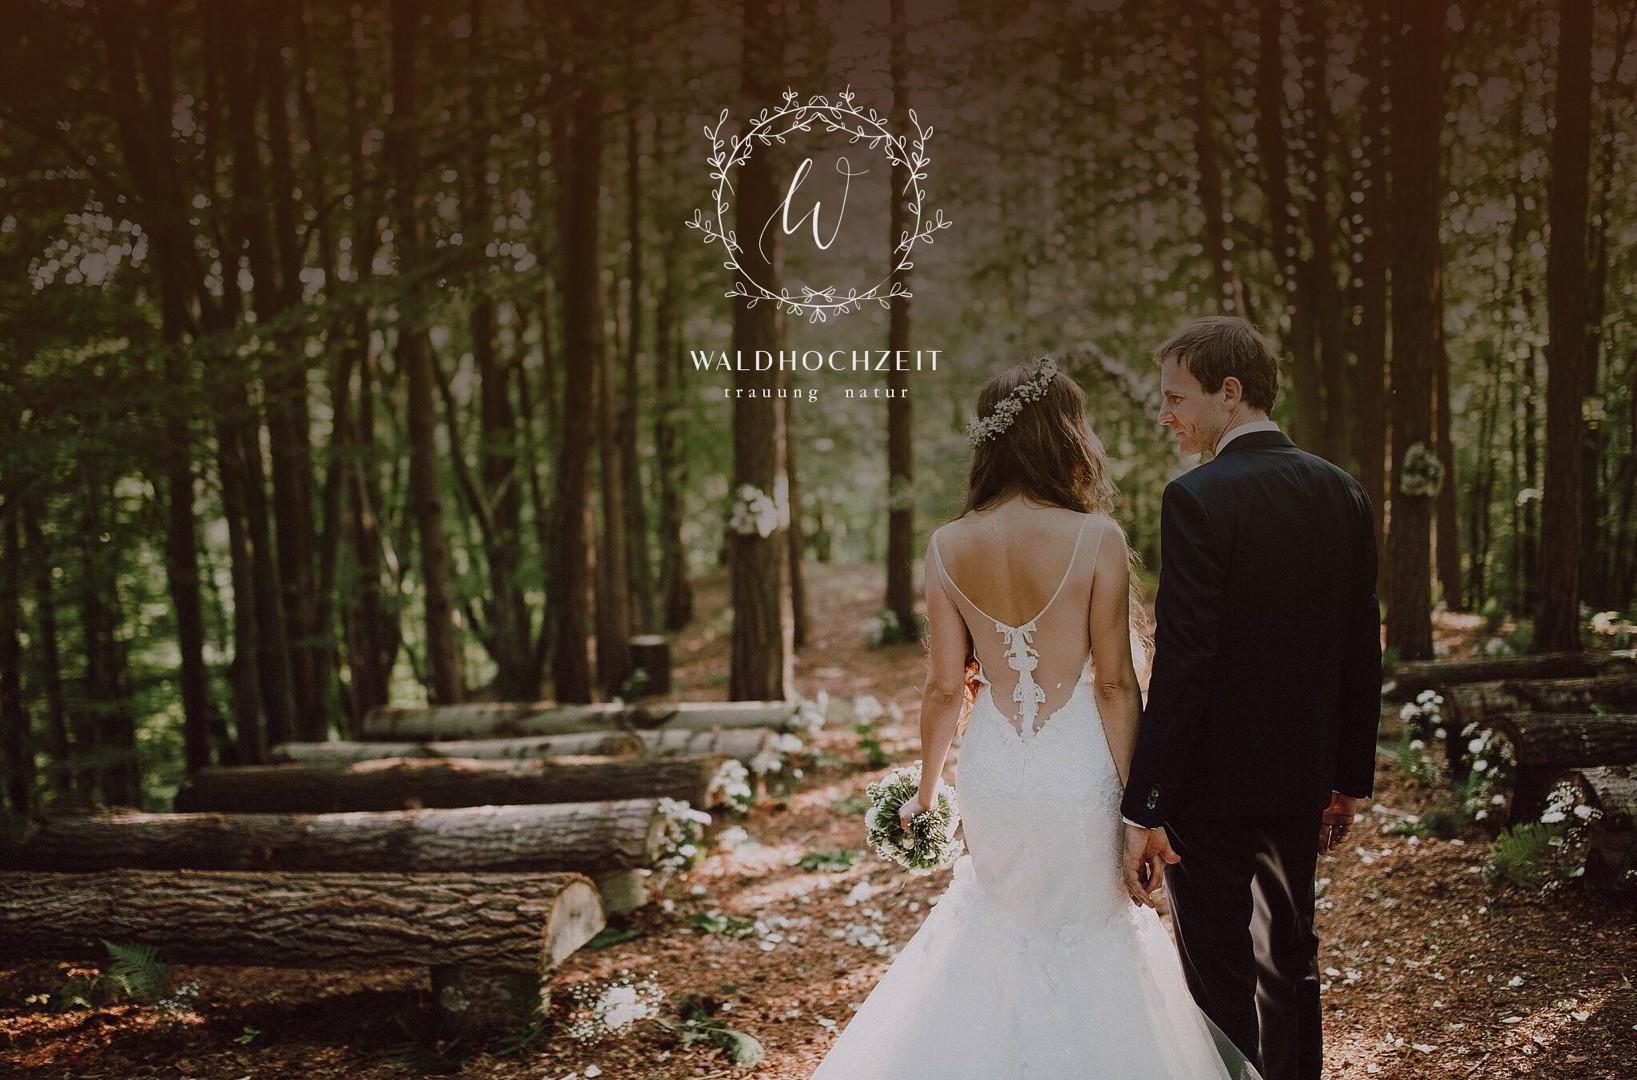 Waldhochzeit Hochzeitslocation Steiermark